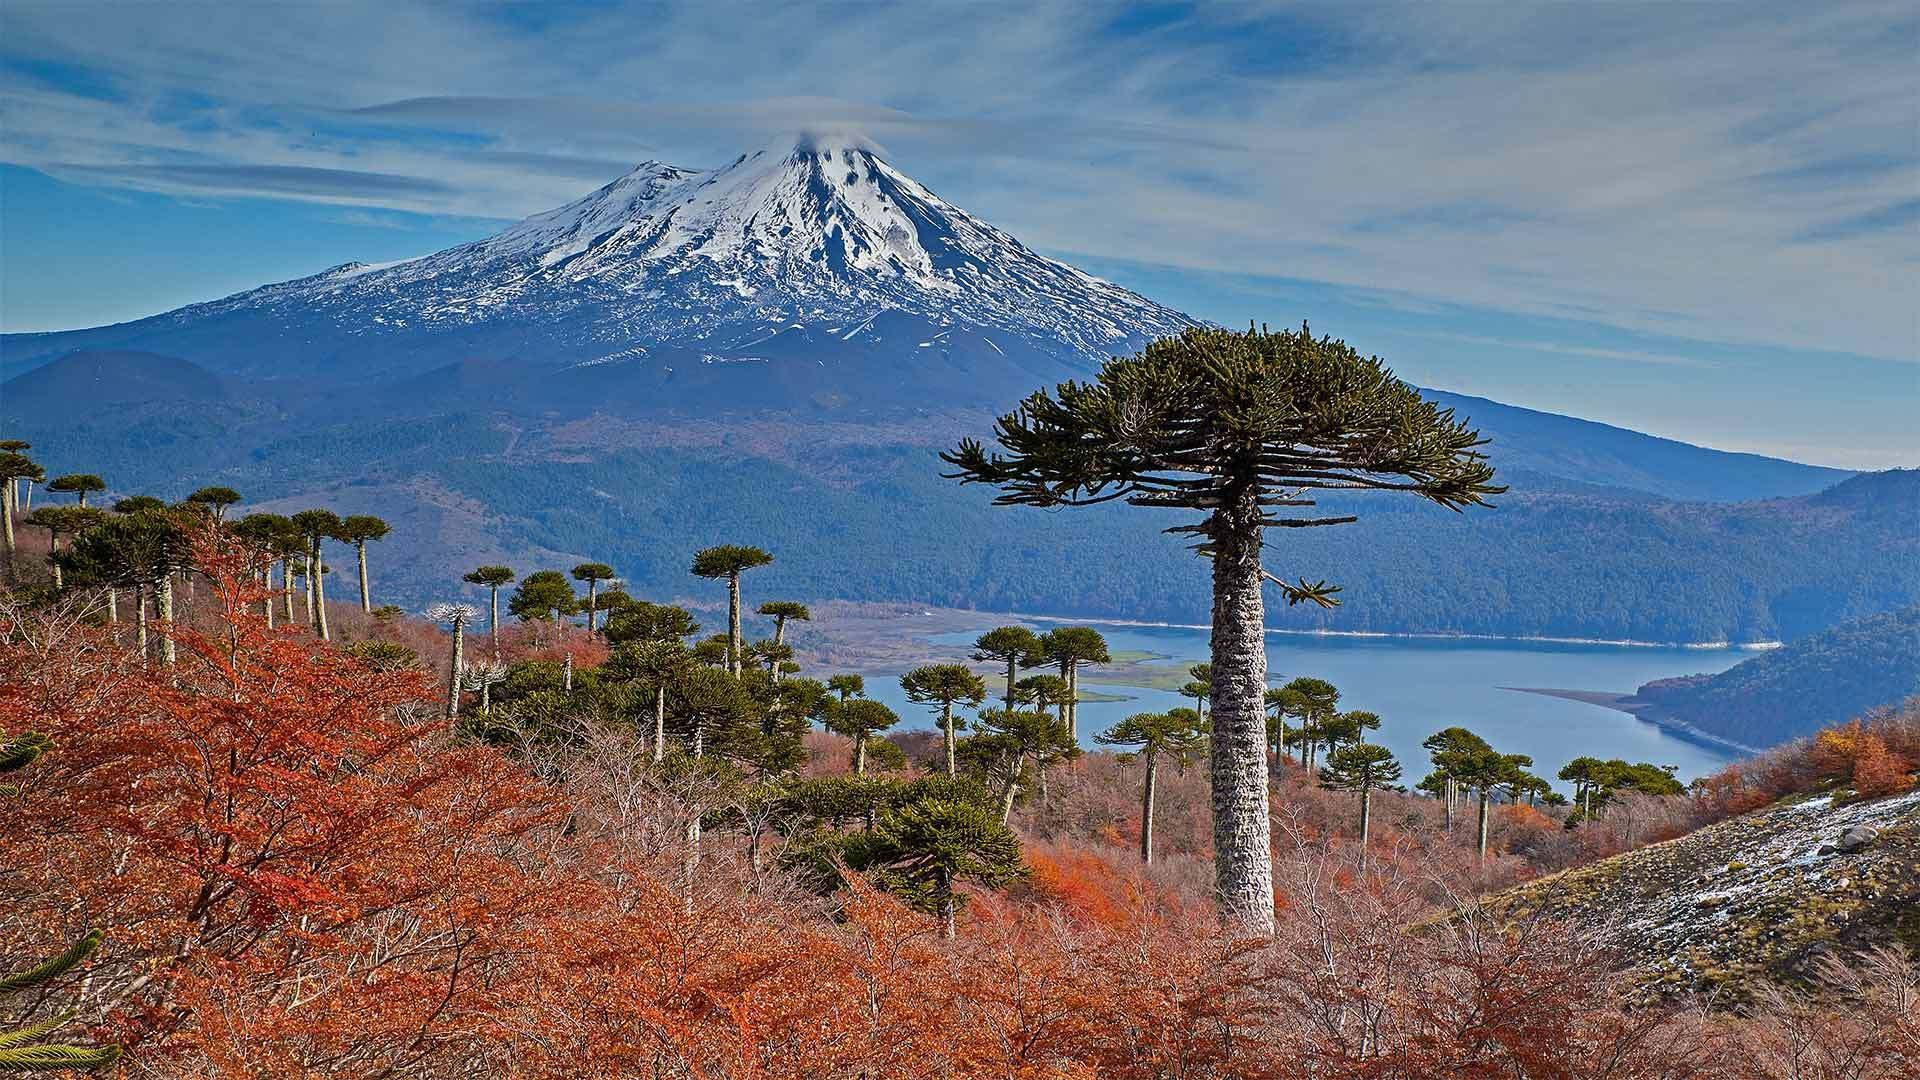 亚伊马火山与前景中的智利南洋杉亚伊马火山